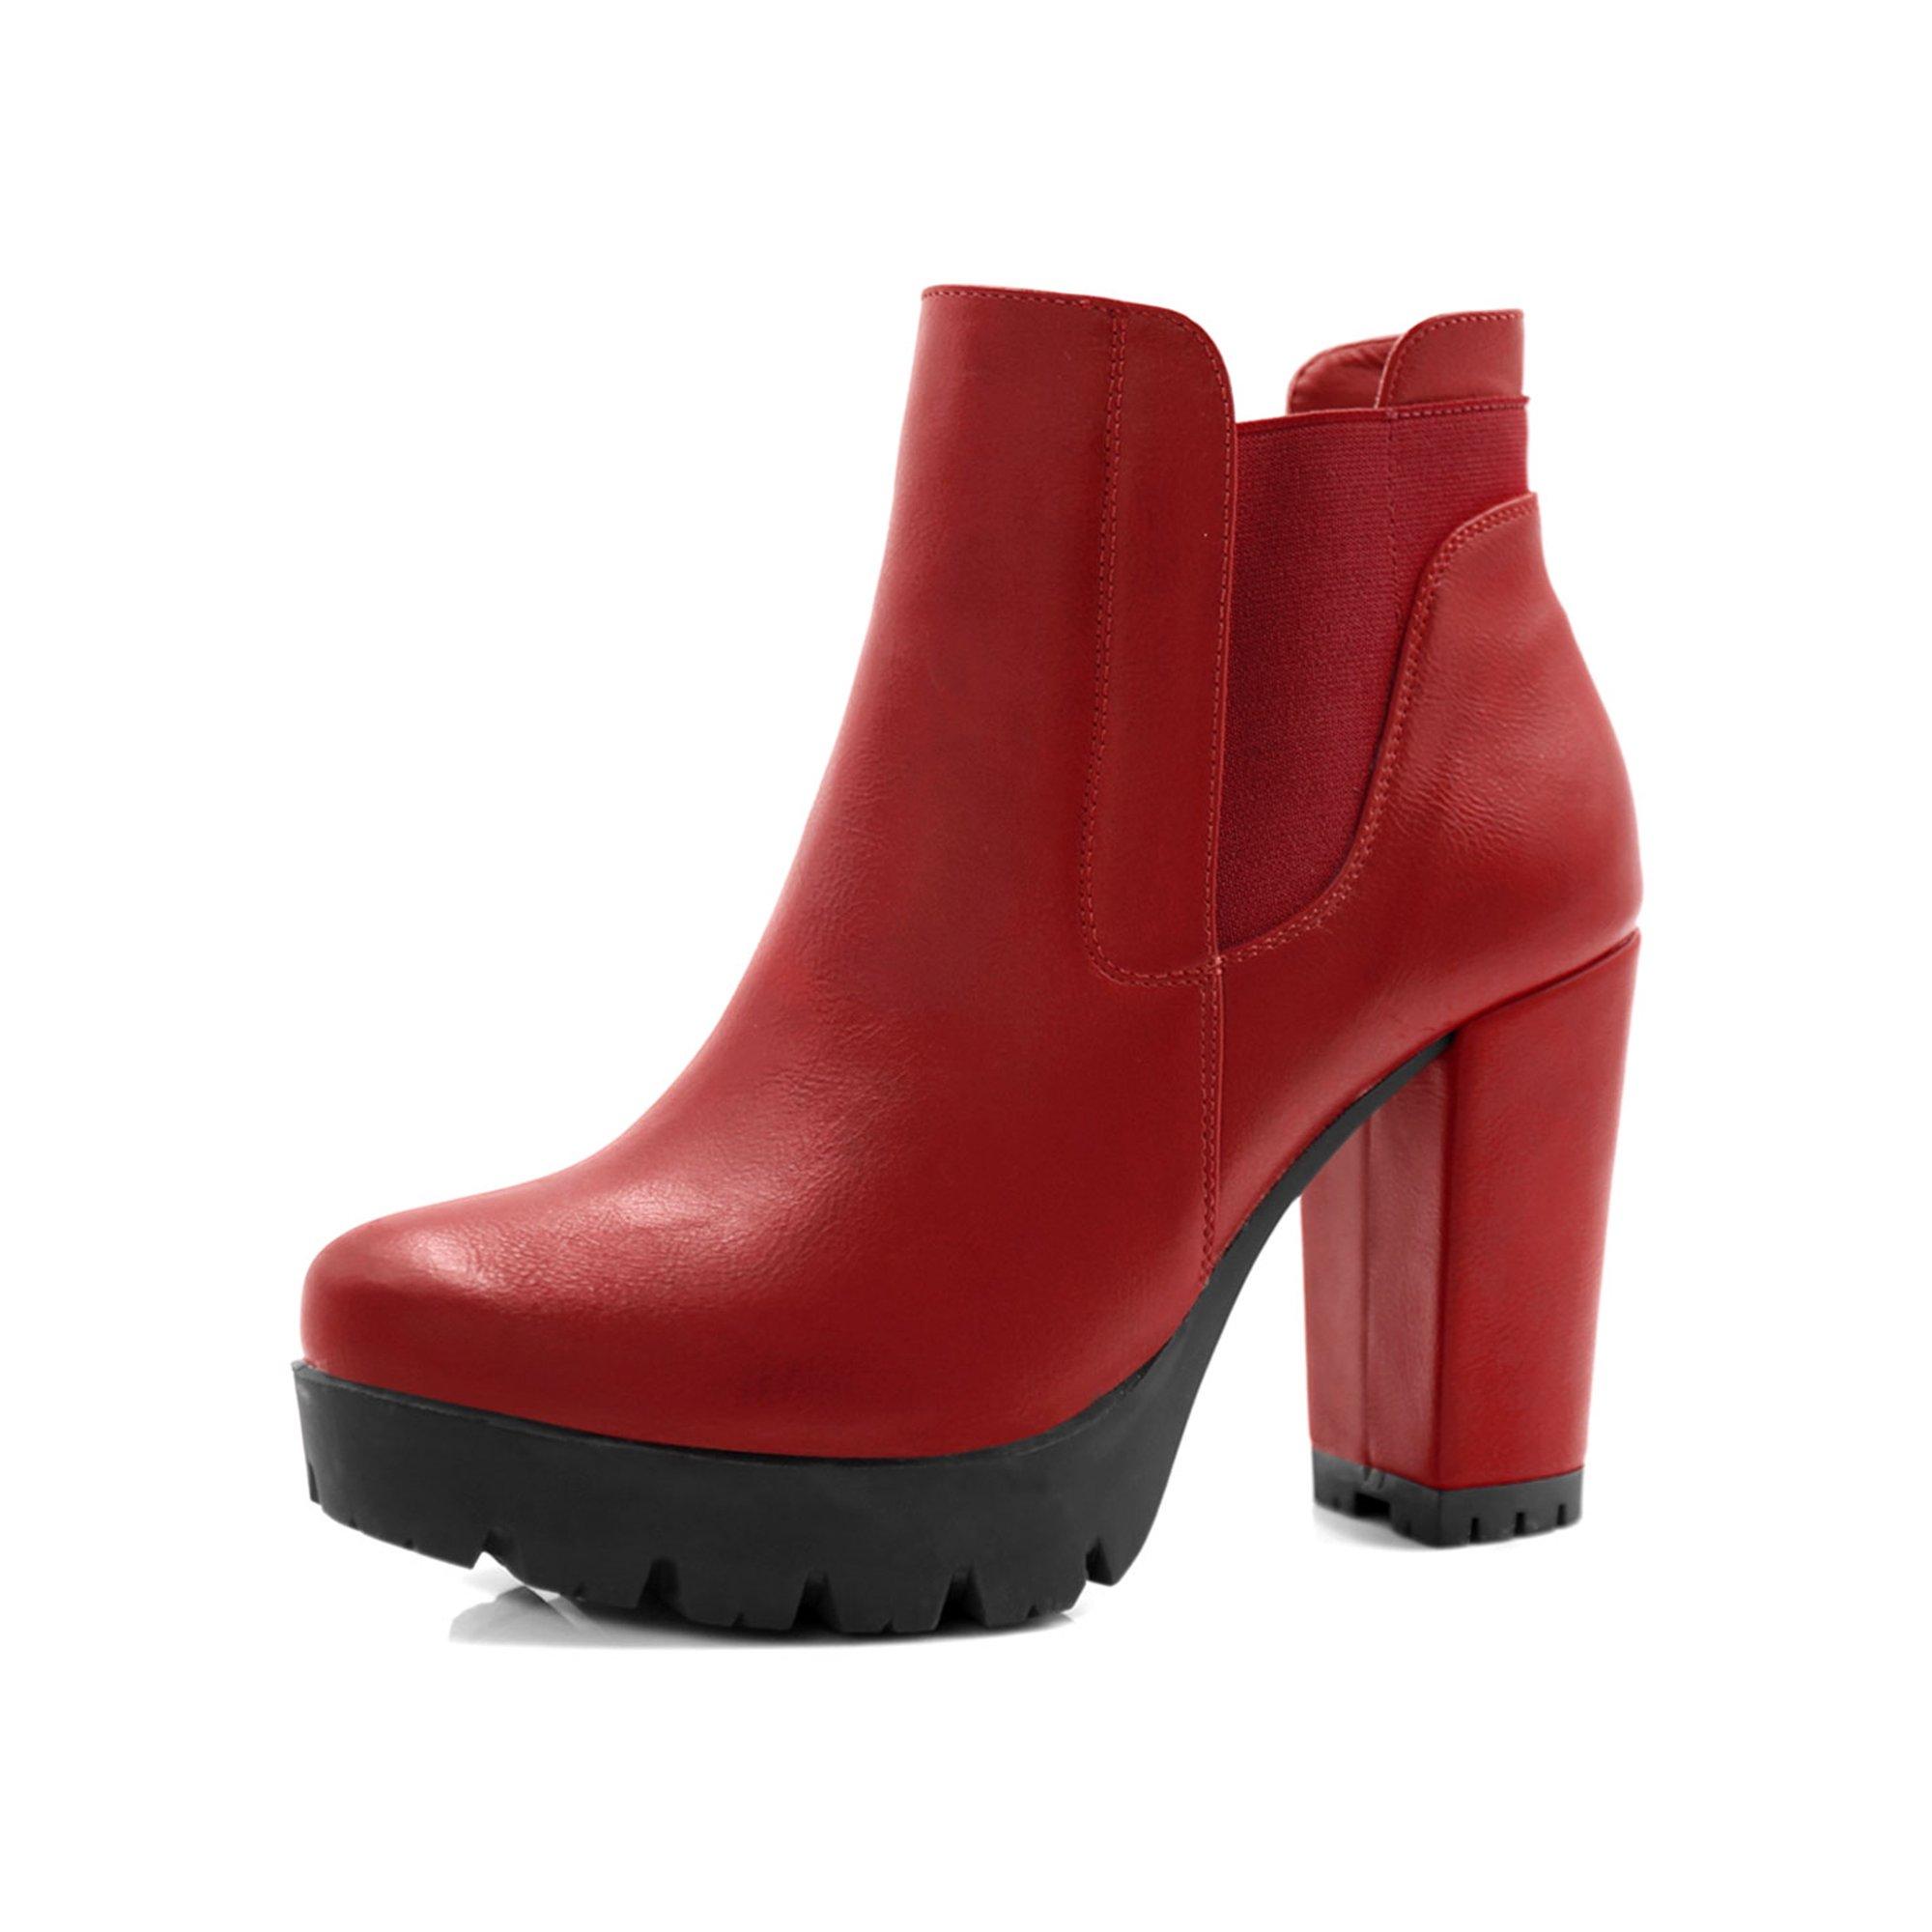 2d7d1f3f7eb Unique Bargains Women's Chunky High Heel Platform Zipper Chelsea Boots  Brown (Size 6)